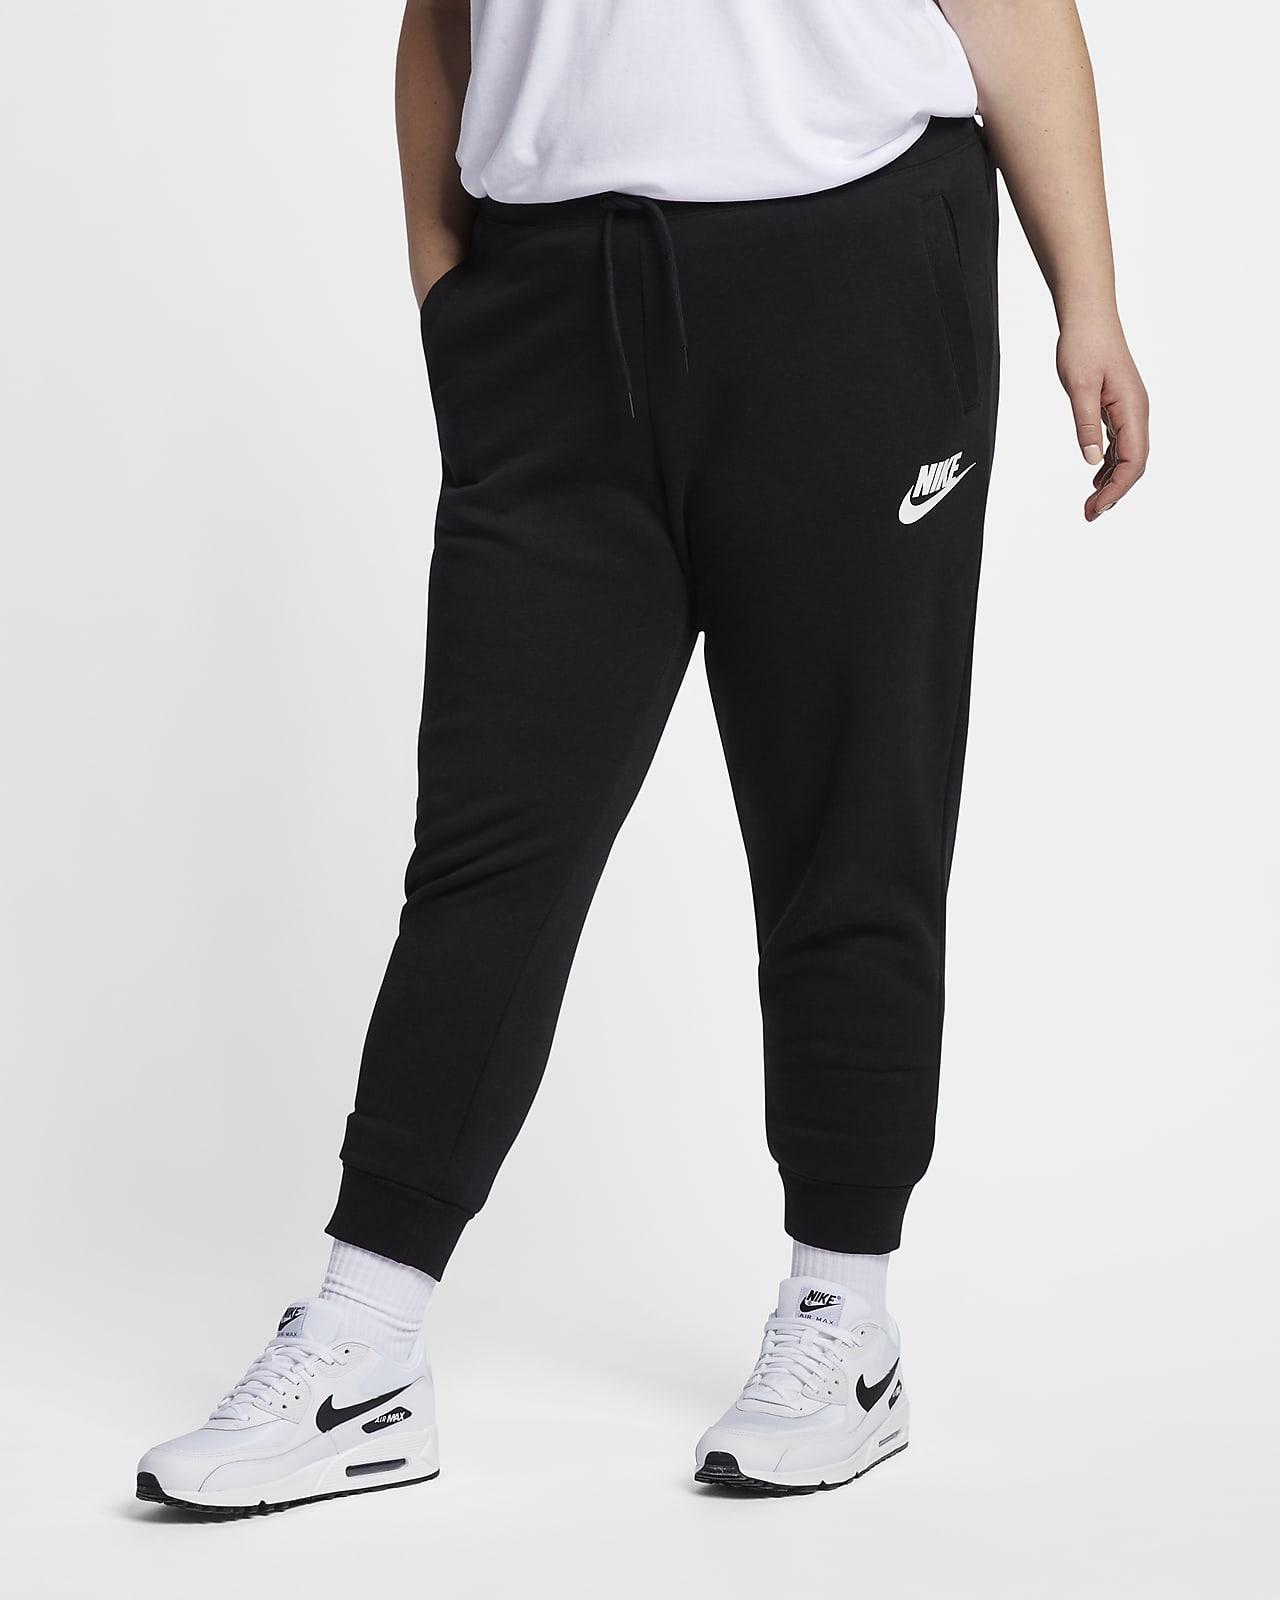 Pantalon Nike Sportswear Rally pour Femme (grande taille)